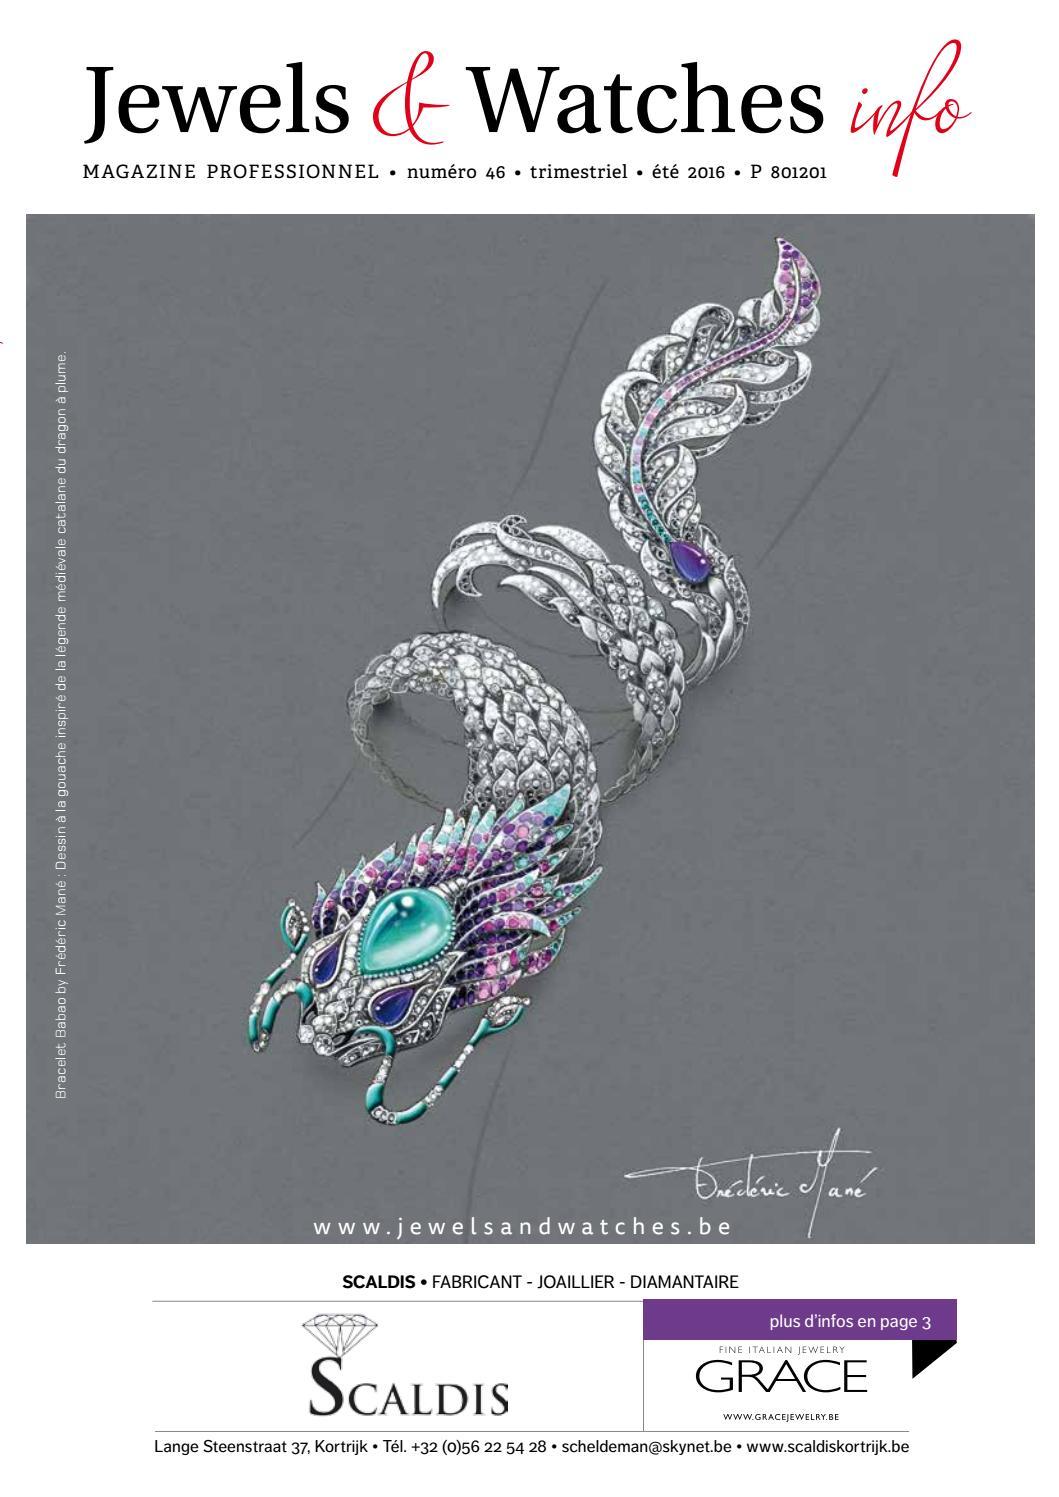 inégale en performance nouvelle arrivee le plus fiable Jewels & Watches Info été 2016 by Jewels & Watches Info - issuu